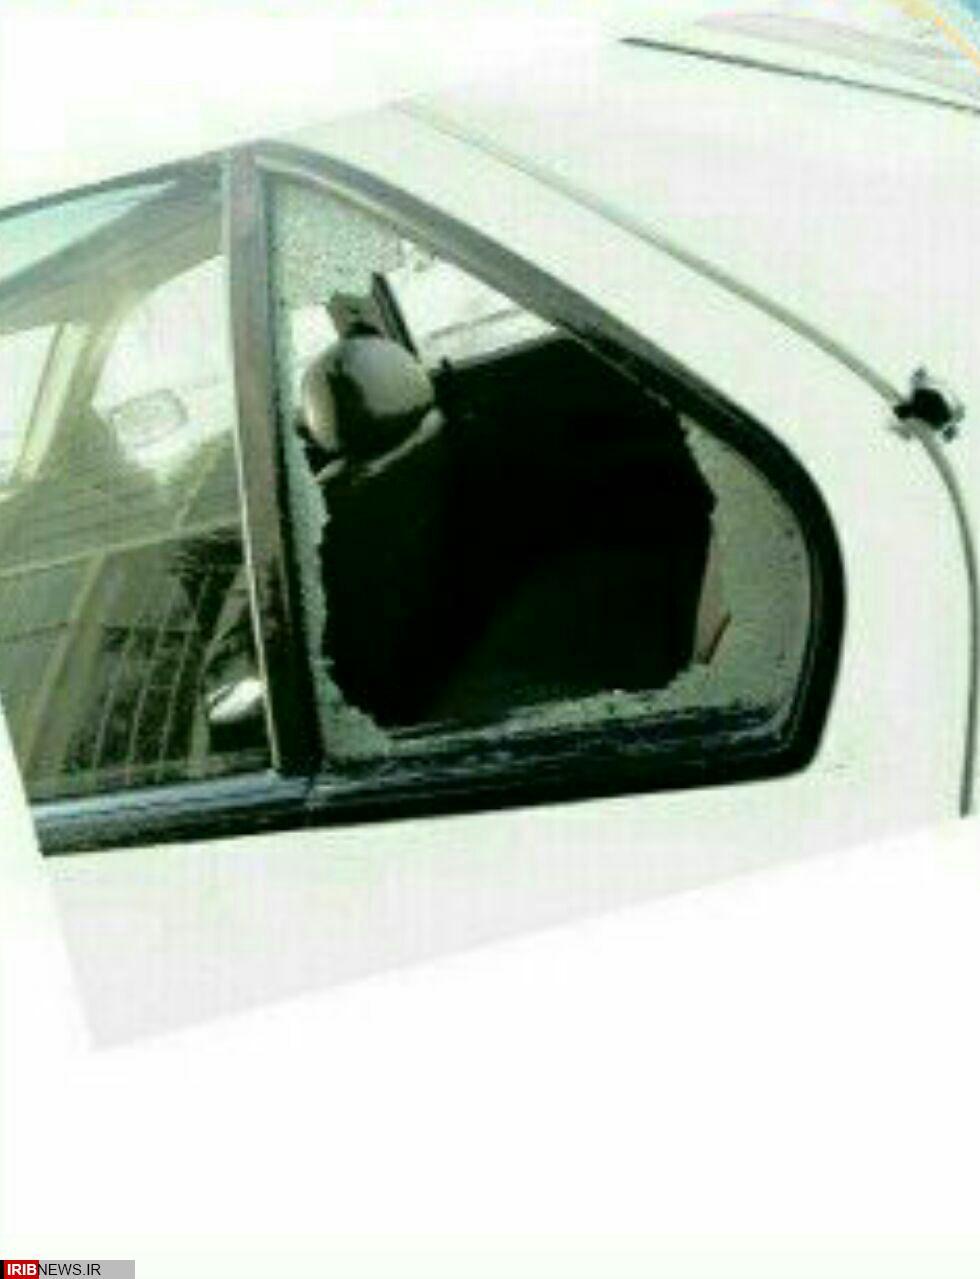 سارق مسلح اسلام آبادی با ضرب یک گلوله از پا در آمد